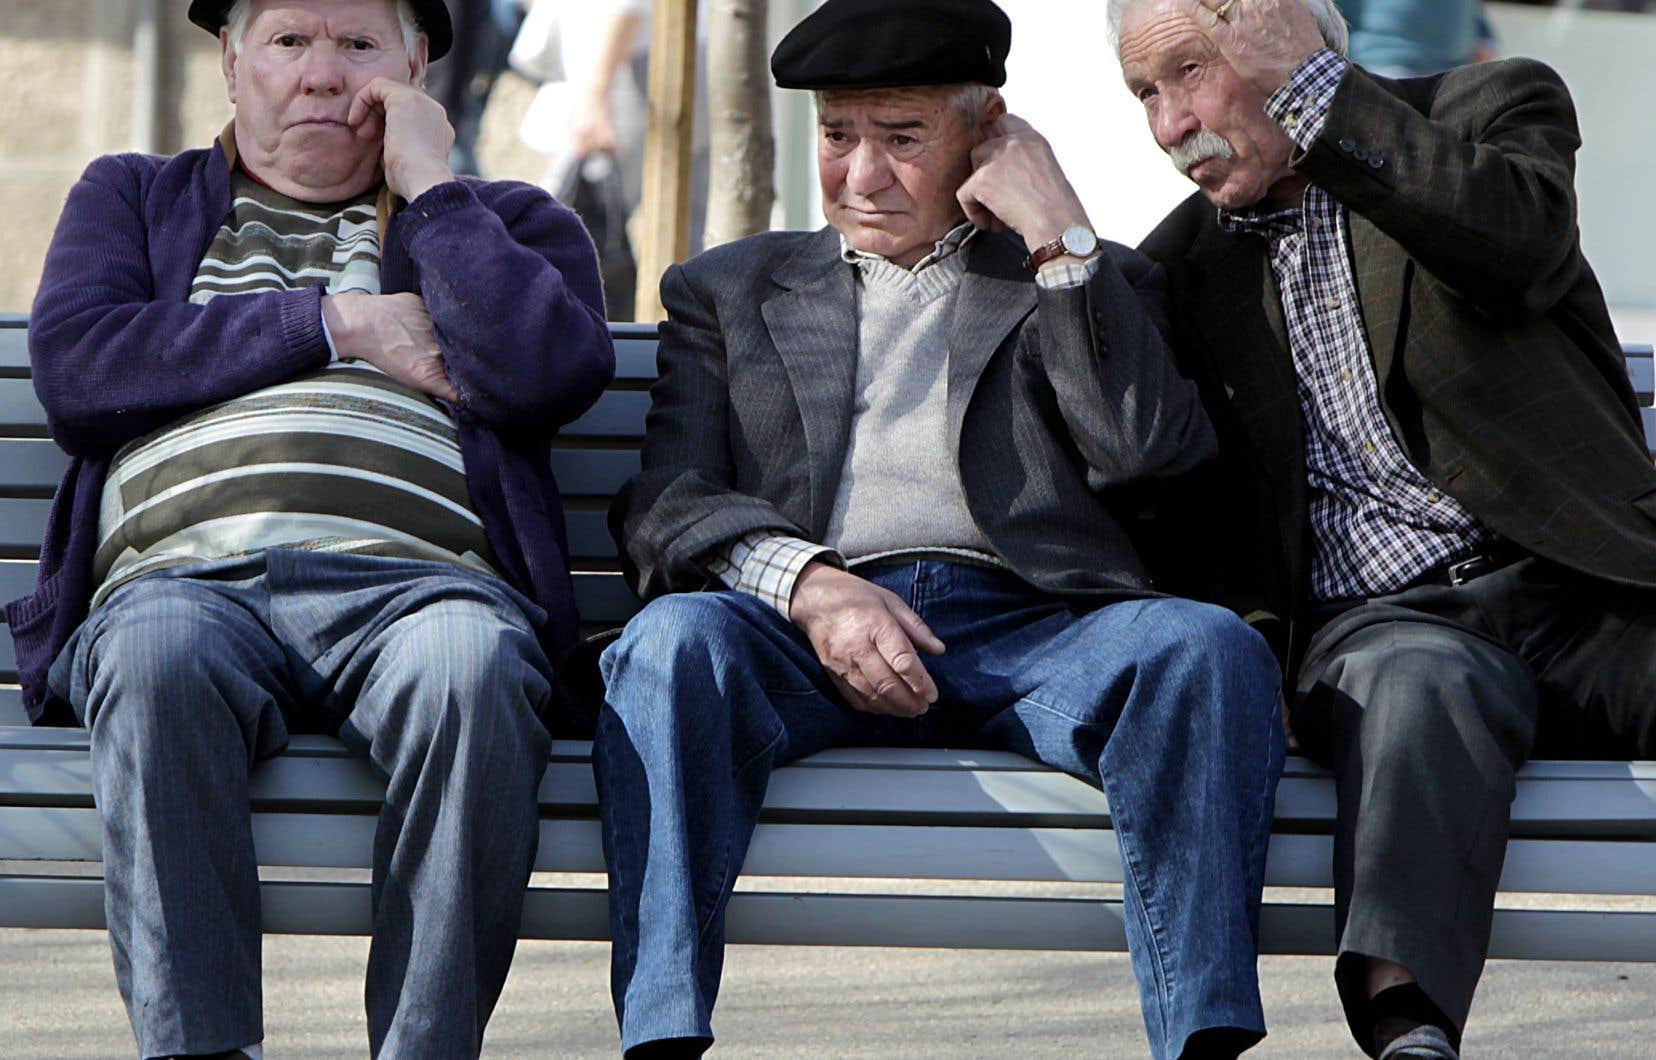 Il manque des informations de base permettant de se faire une idée juste sur des pans entiers de la réalité concernant le financement des retraites, déplorent des chercheurs.